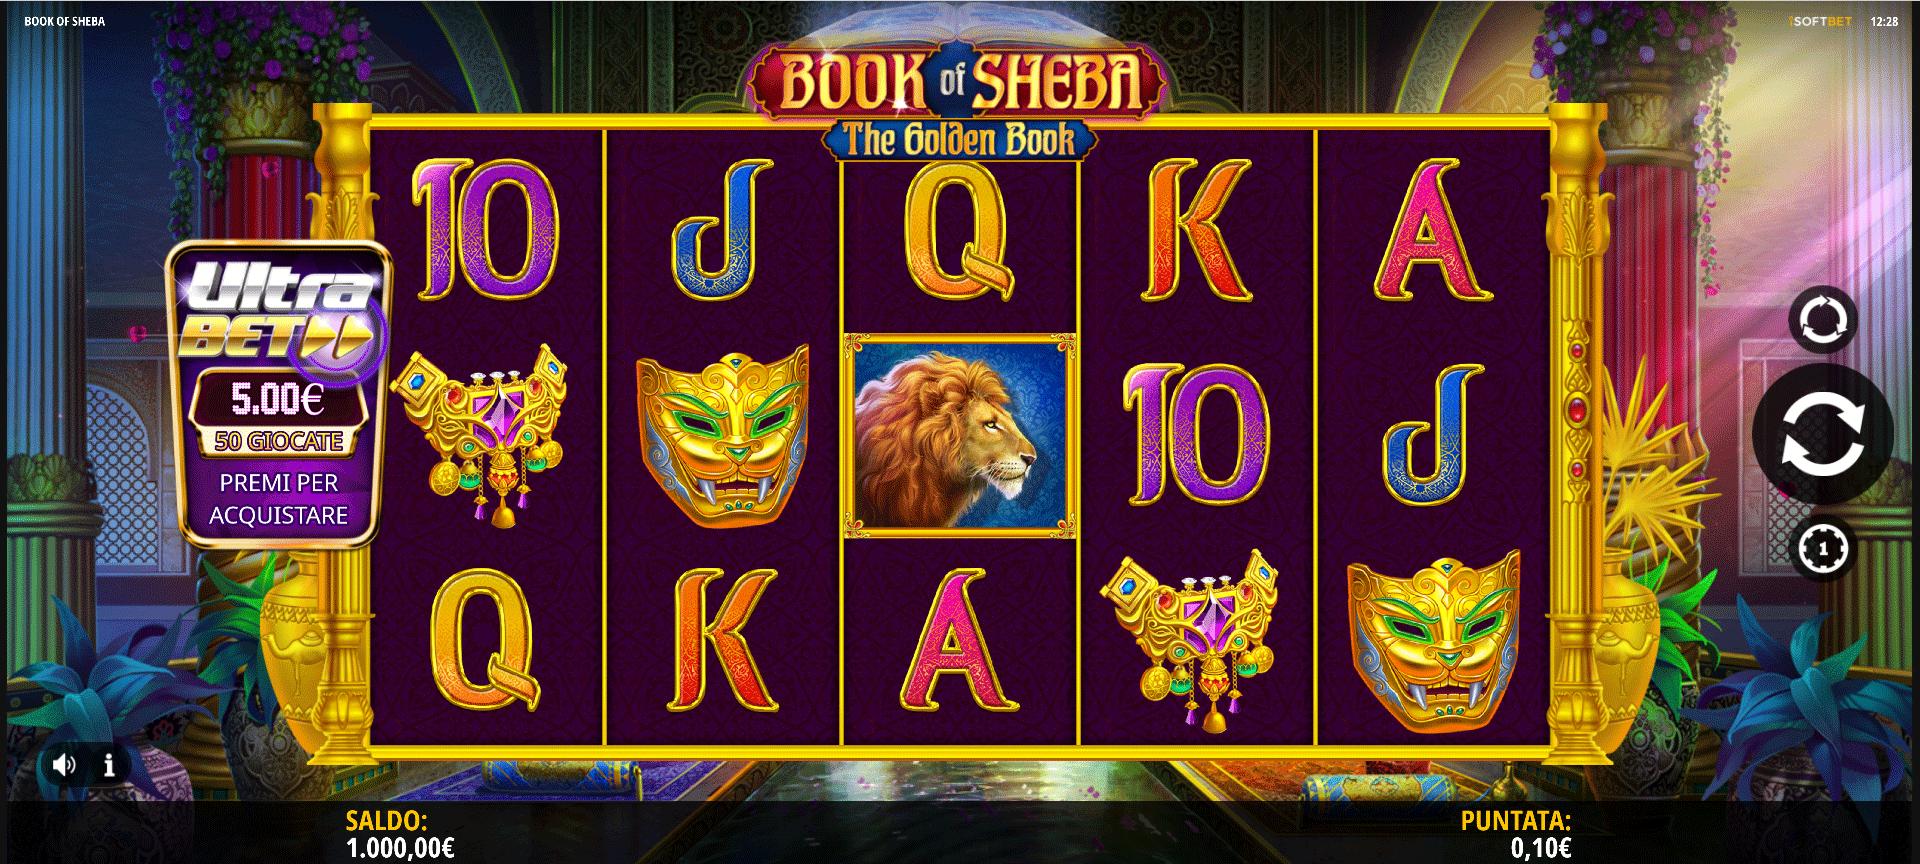 Slot Book of Sheba